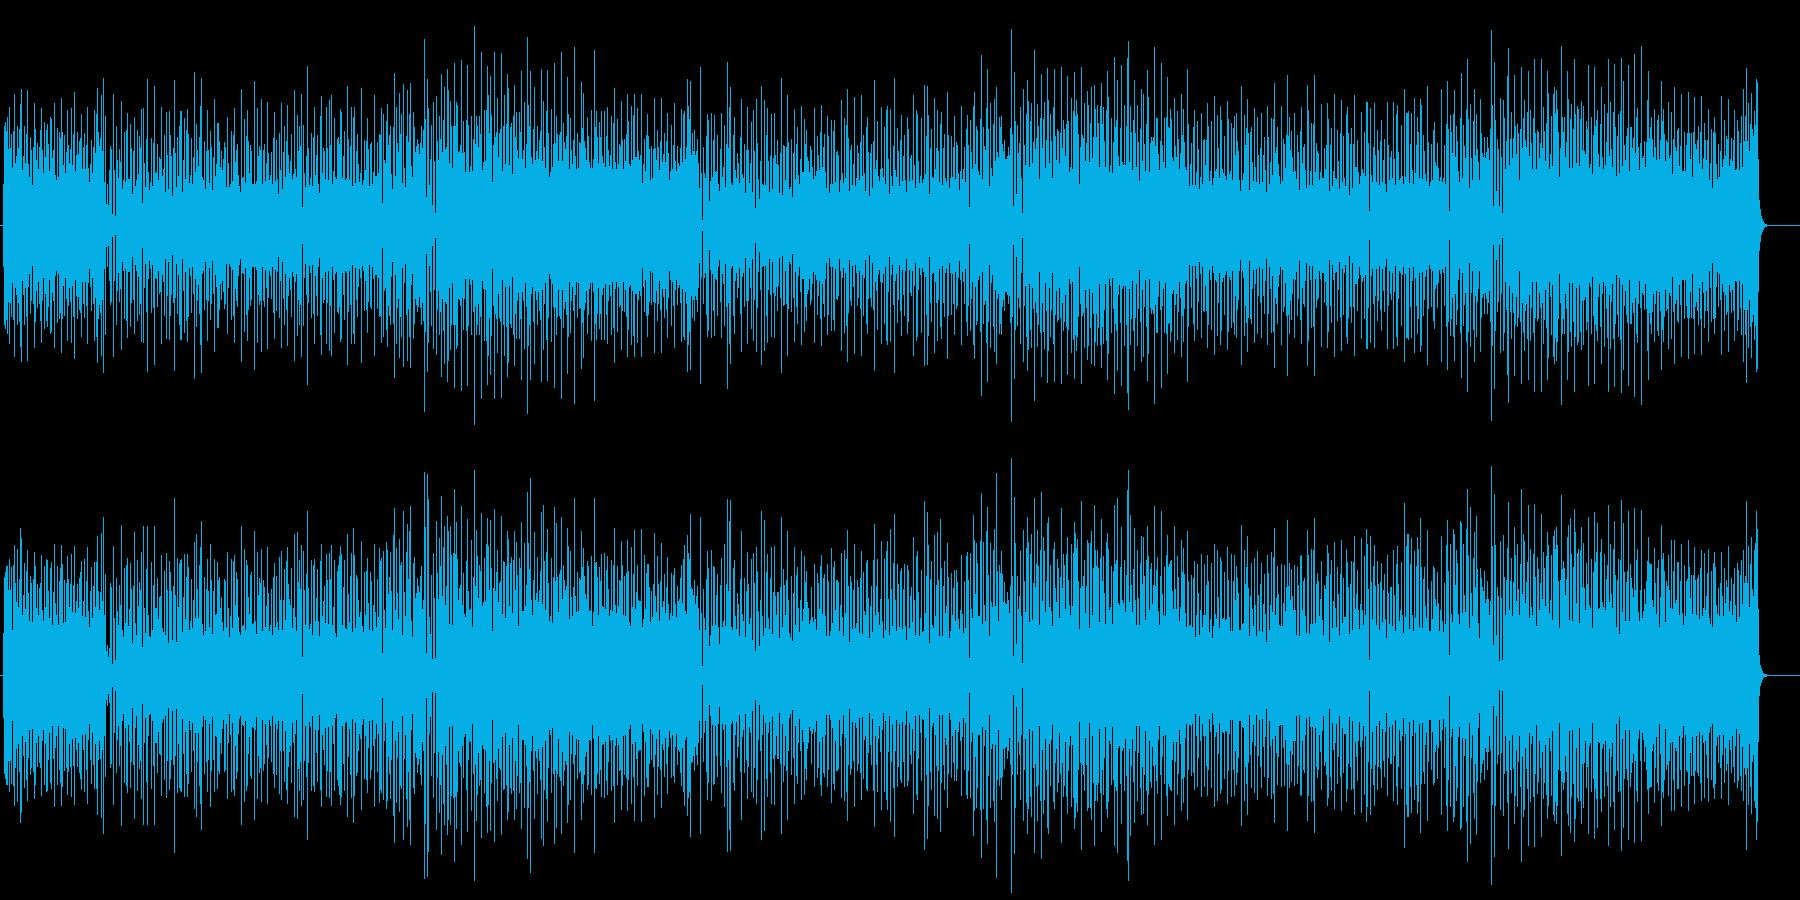 小気味良いアンサンブルのコテンポラリーの再生済みの波形